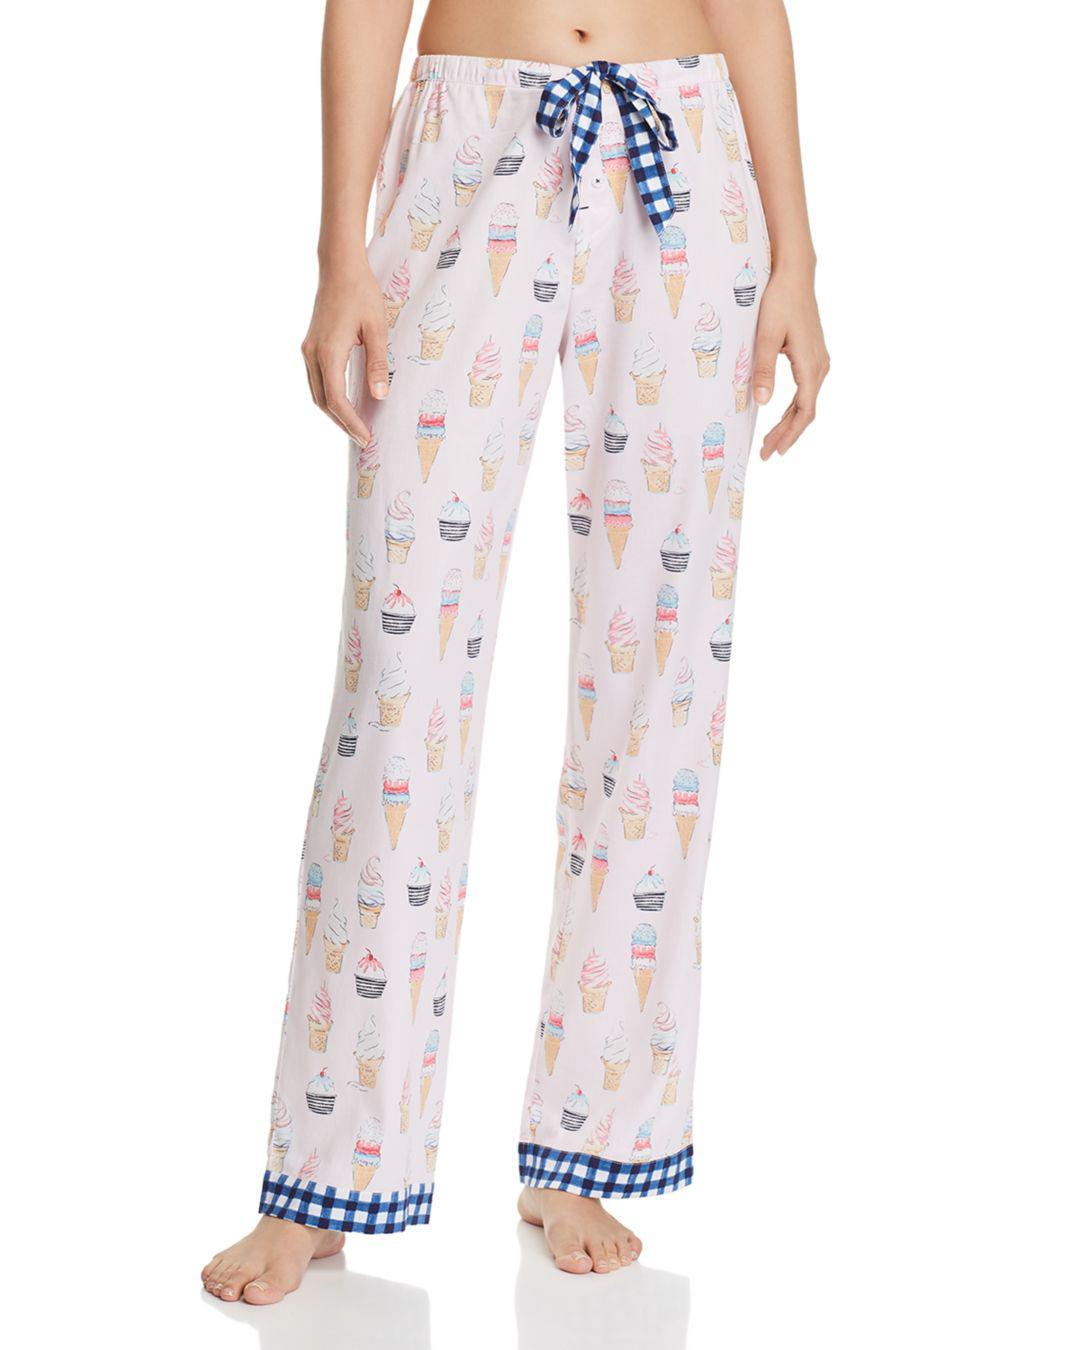 824d5c5d08a1 Lyst - Jane   Bleecker New York Woven Pj Pants in Pink